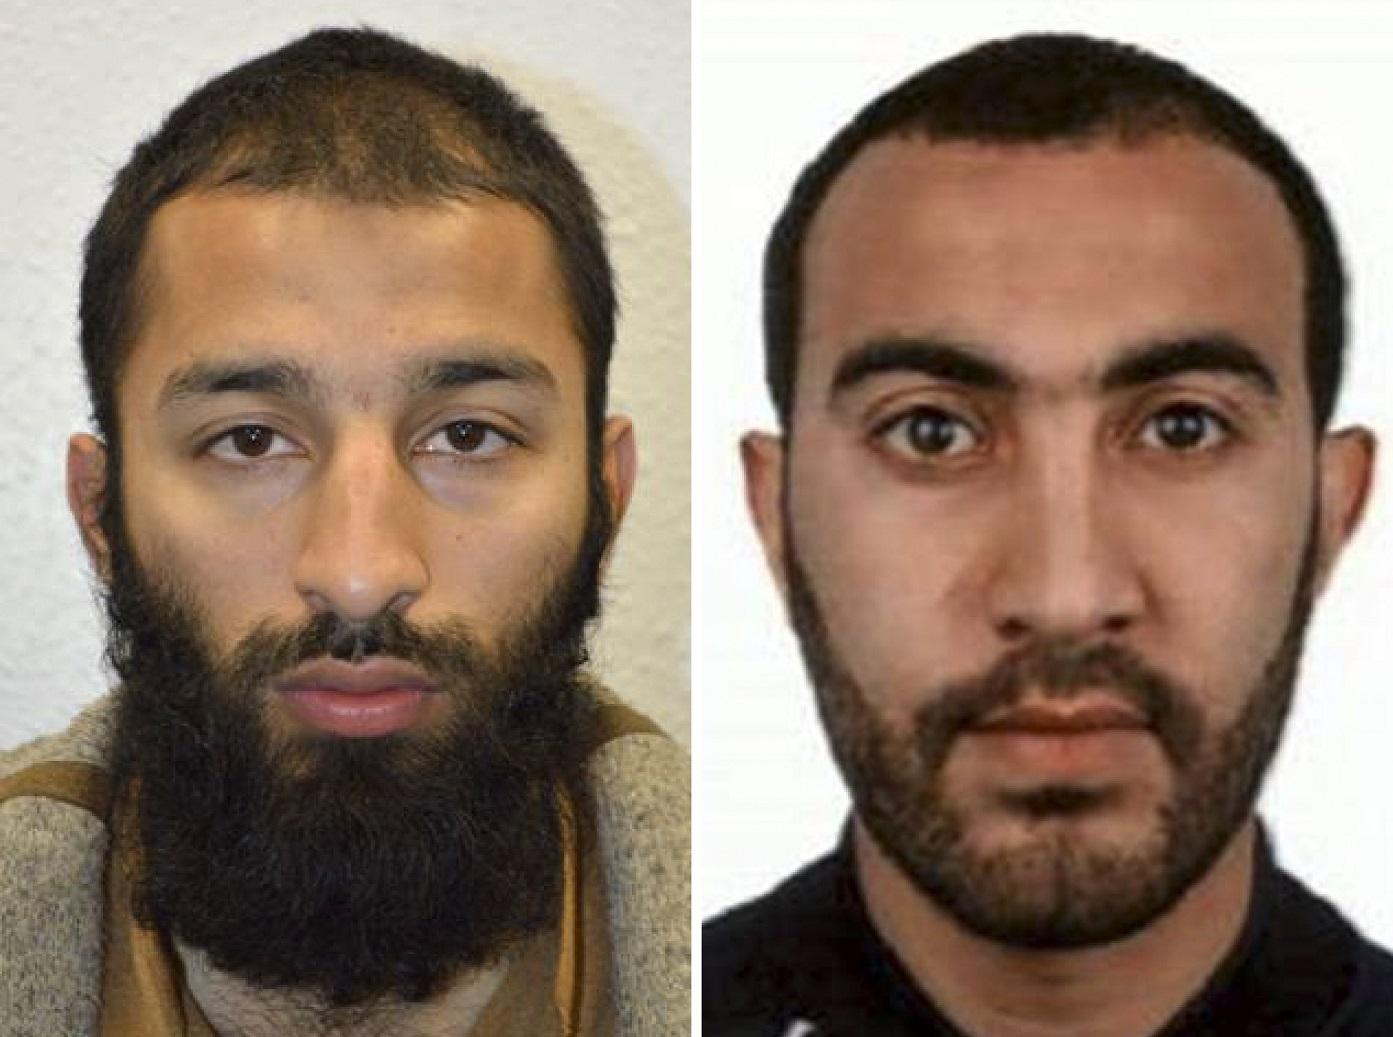 Muszlim imámok nem hajlandóak eltemetni a londoni merénylőket